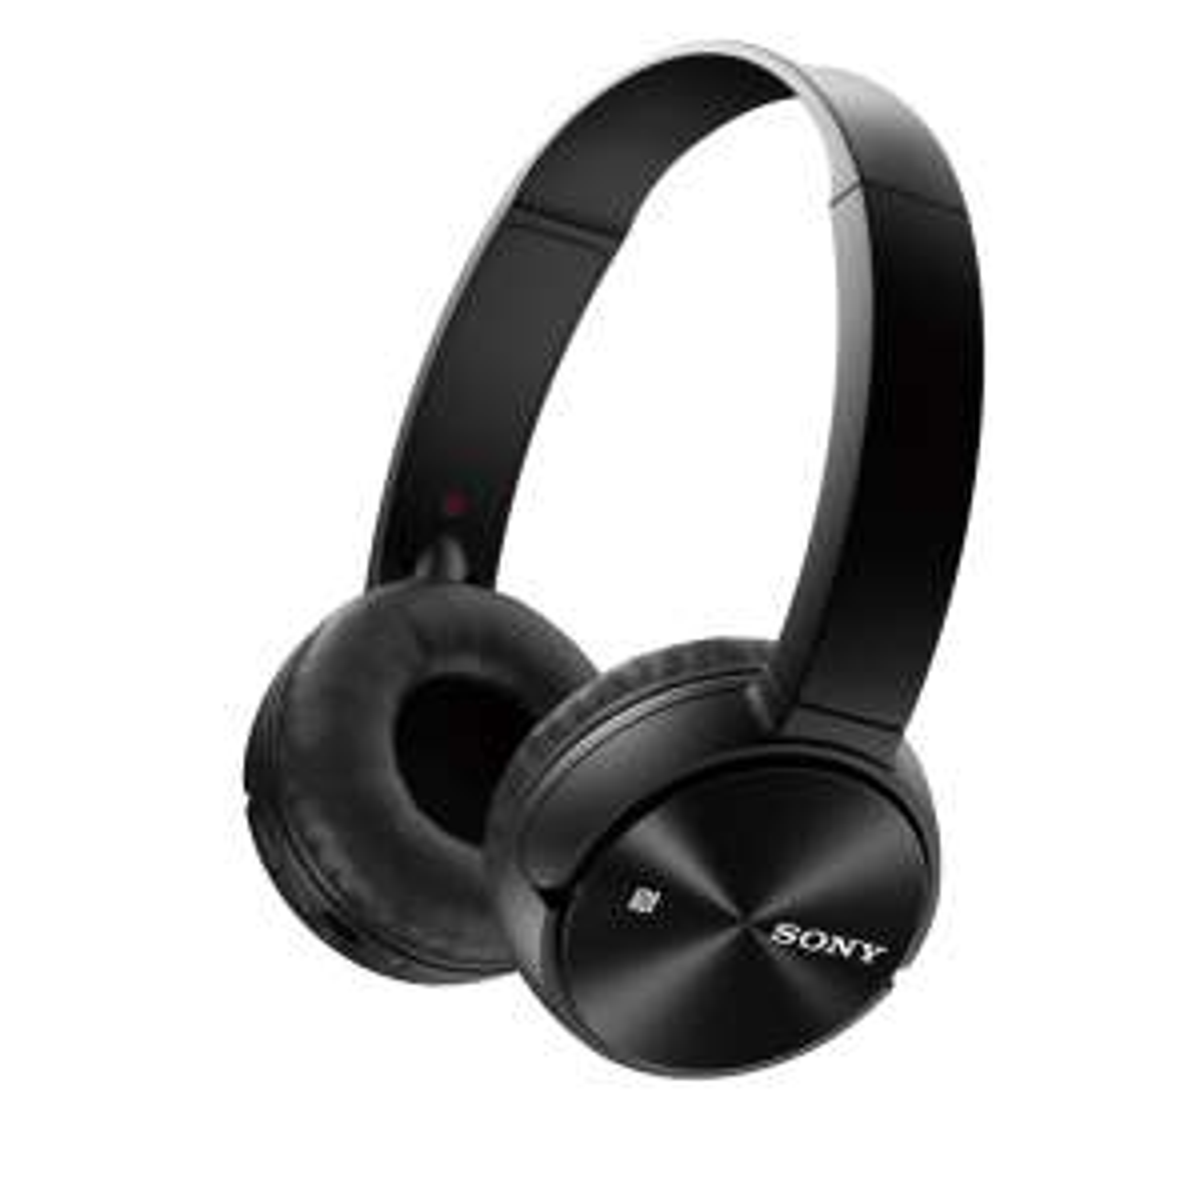 Sony MDR-ZX330BT Hoofdtelefoon met bluetooth en NFC voor €44 @ Amazon.de